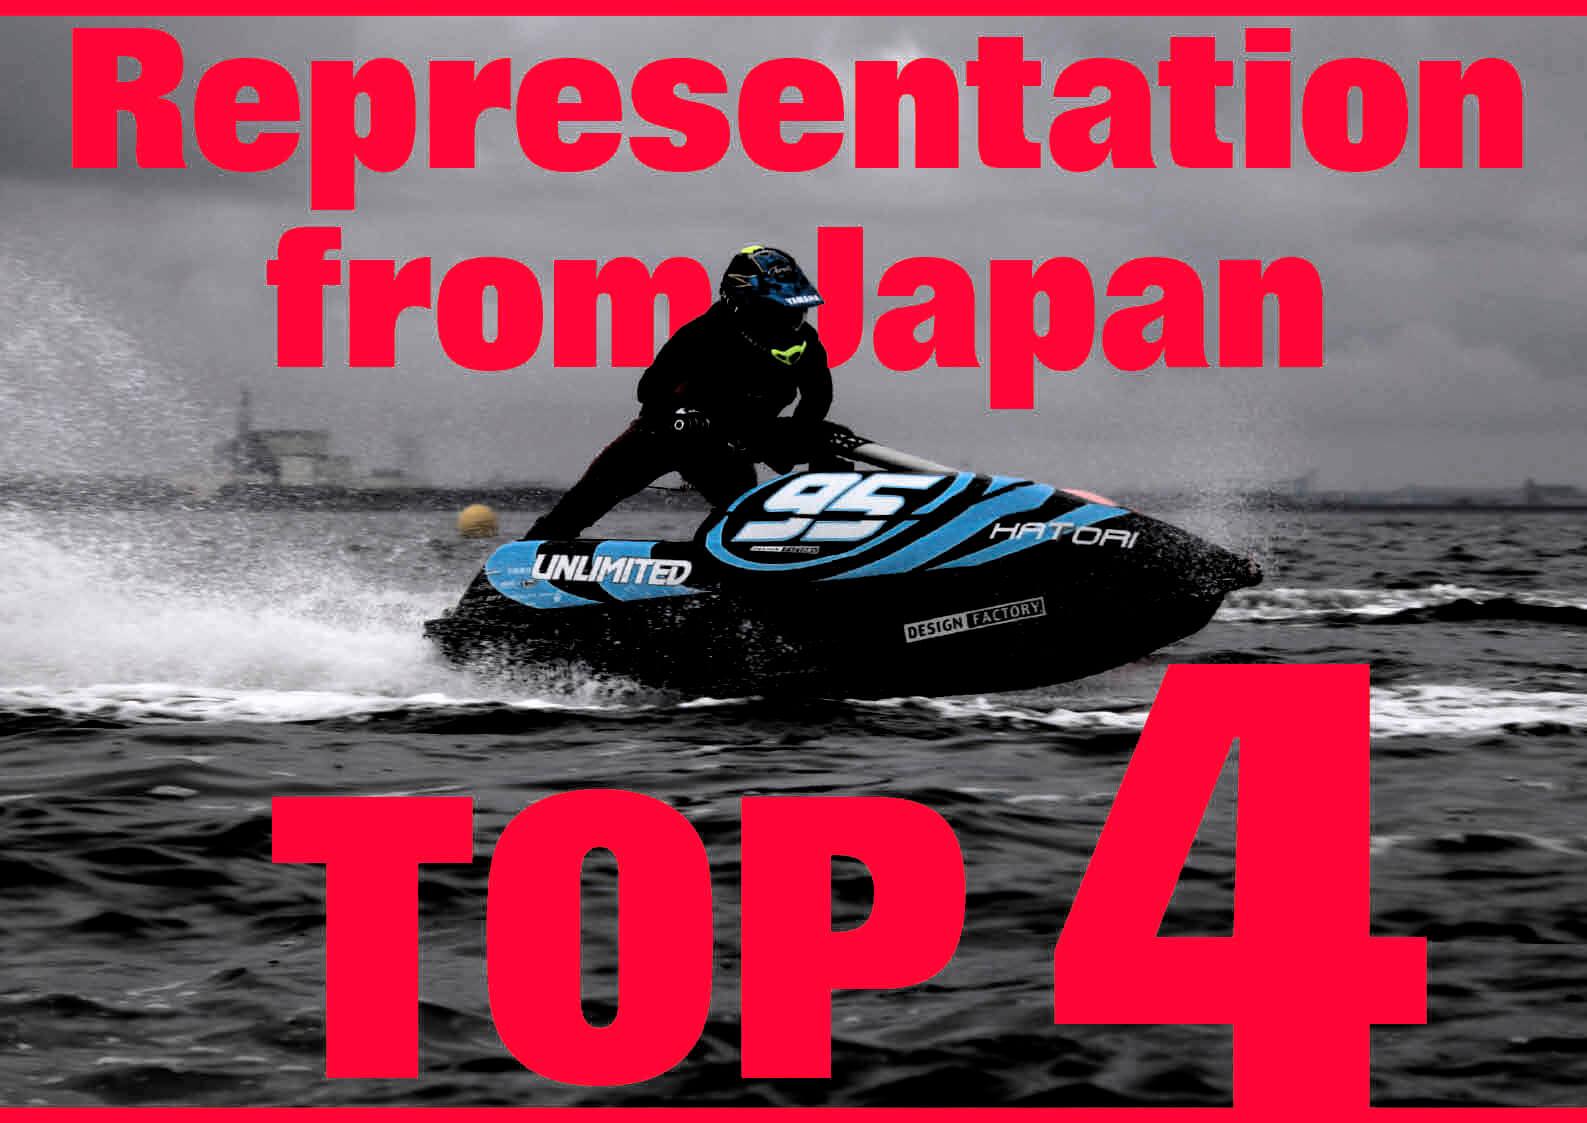 2021年度 世界で戦う日本代表「4名」が決定!「Pro SKI GRANDPRIX クラス」 「JJSF 全日本選手権大会」 水上バイク(ジェットスキー